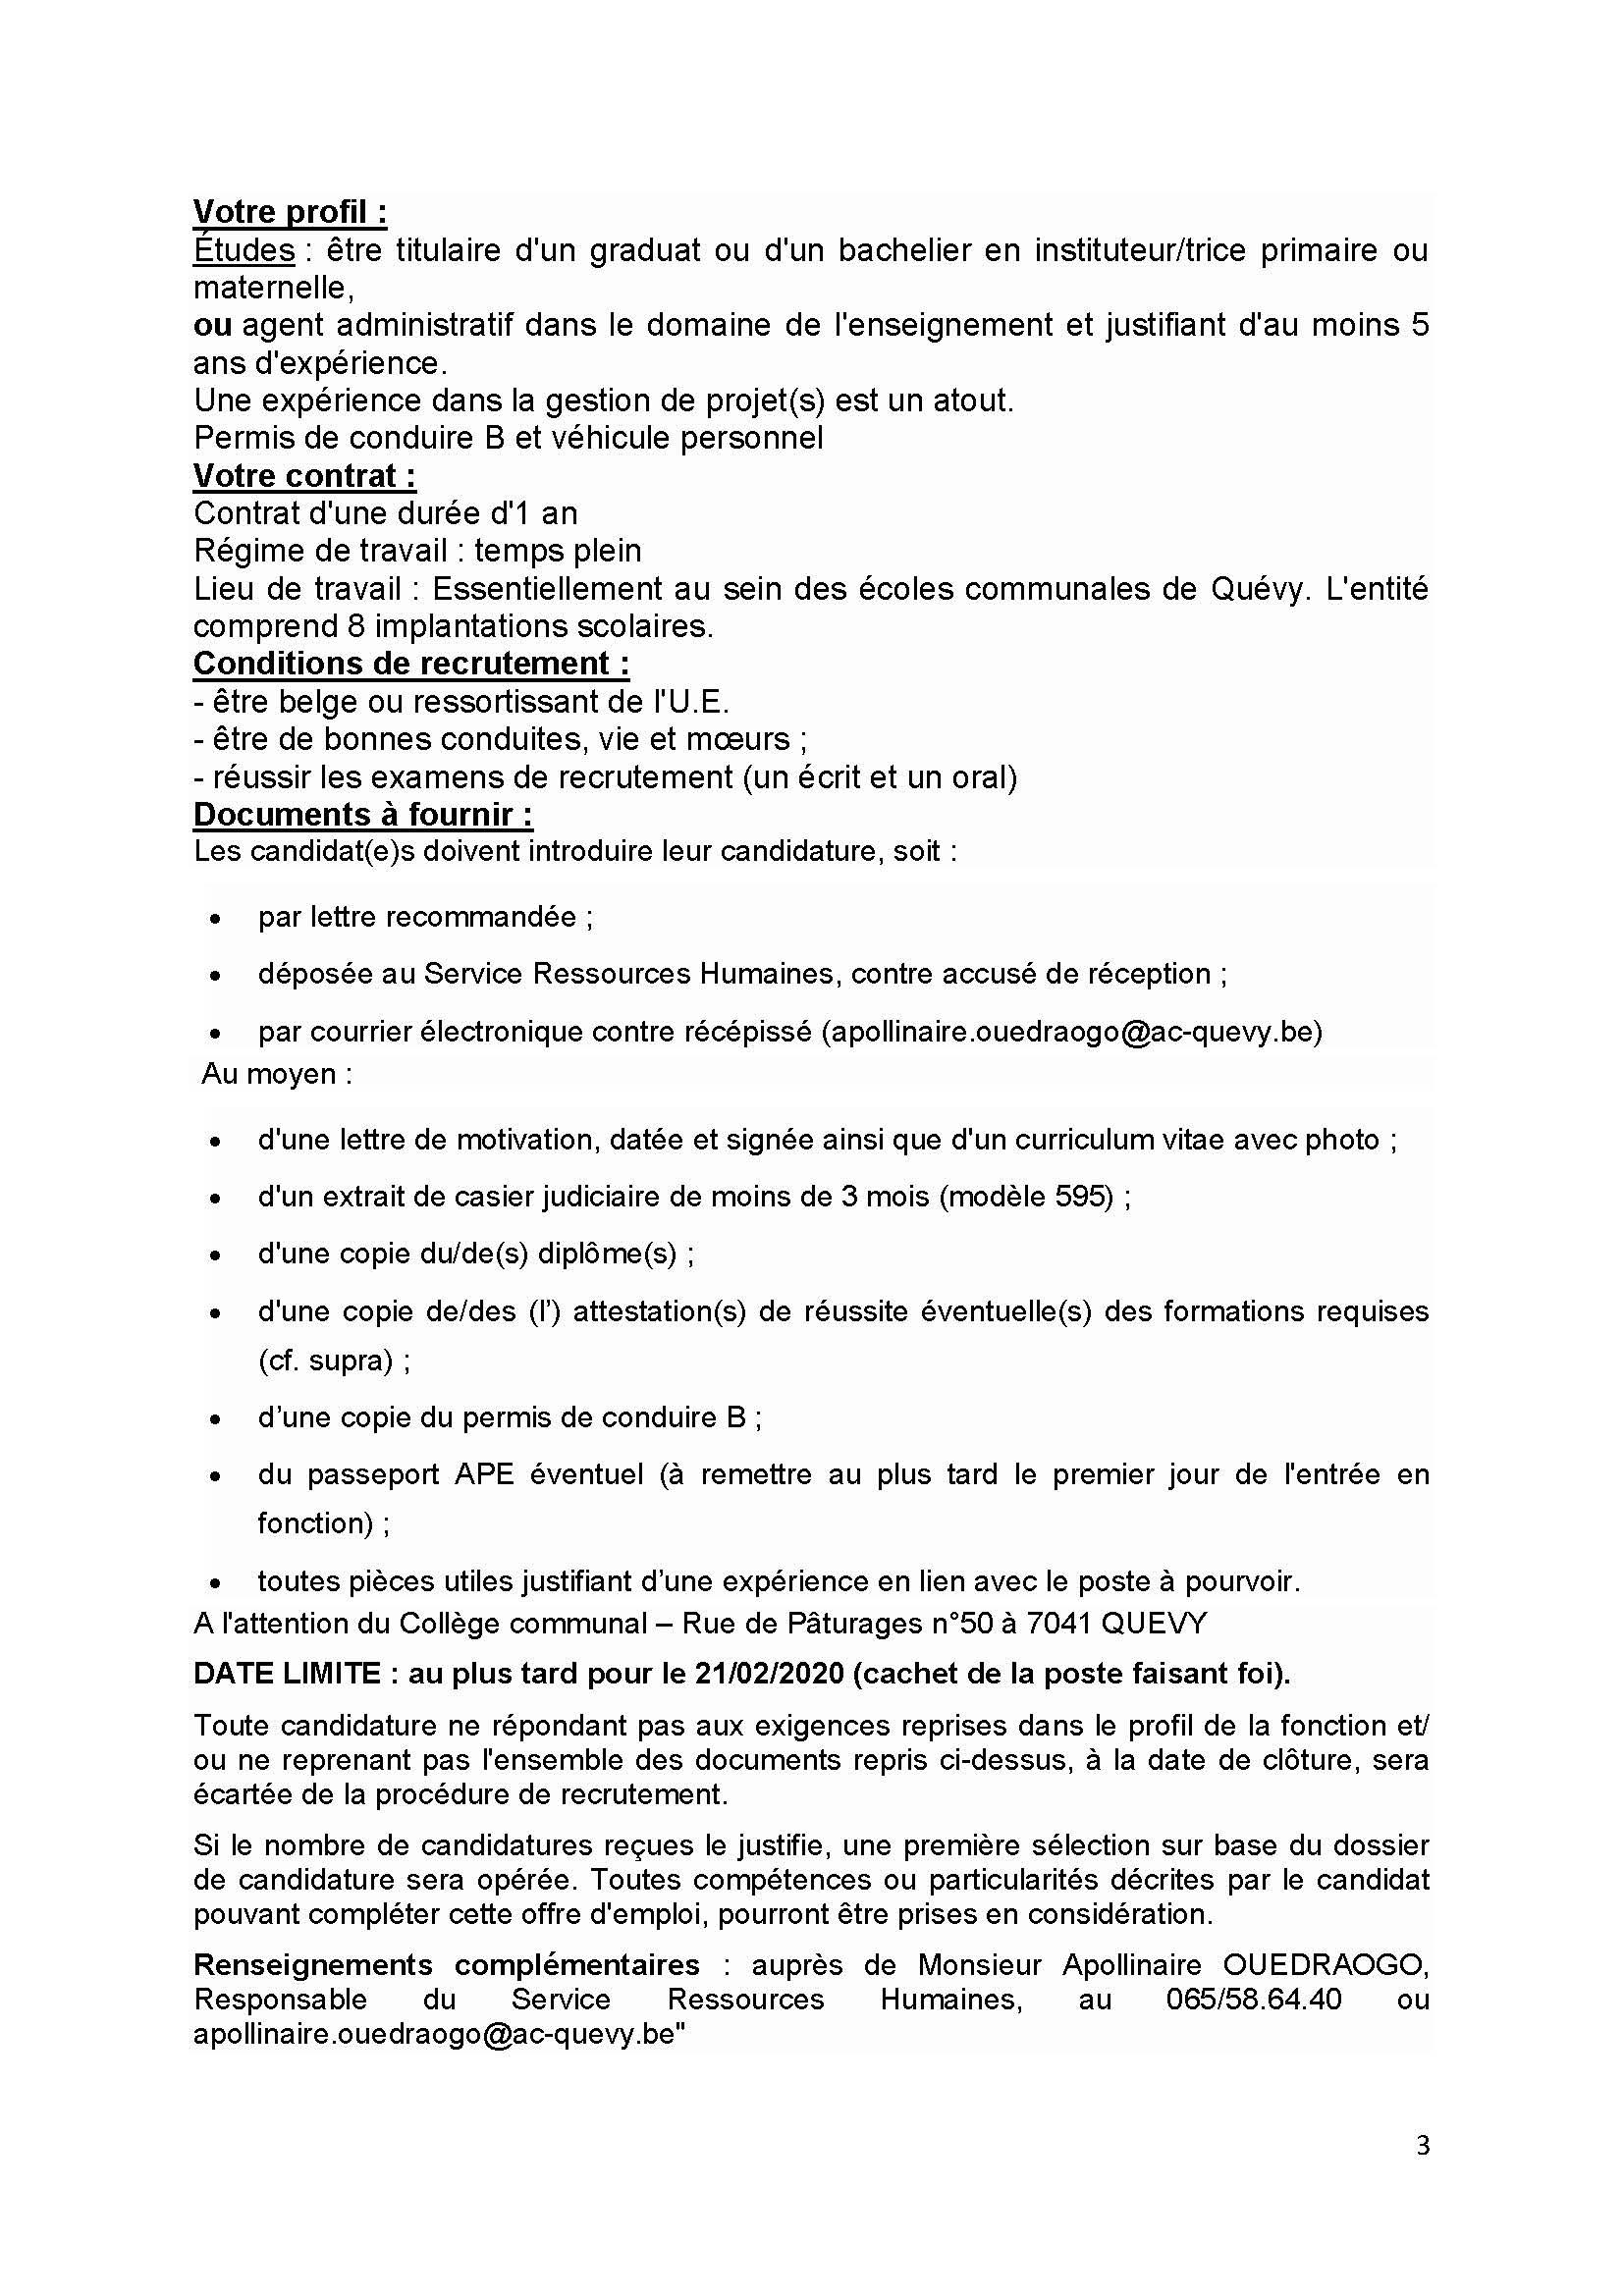 un_agent_charge_de_projets_et_referent_plan_de_pilotage_1 (3).jpg